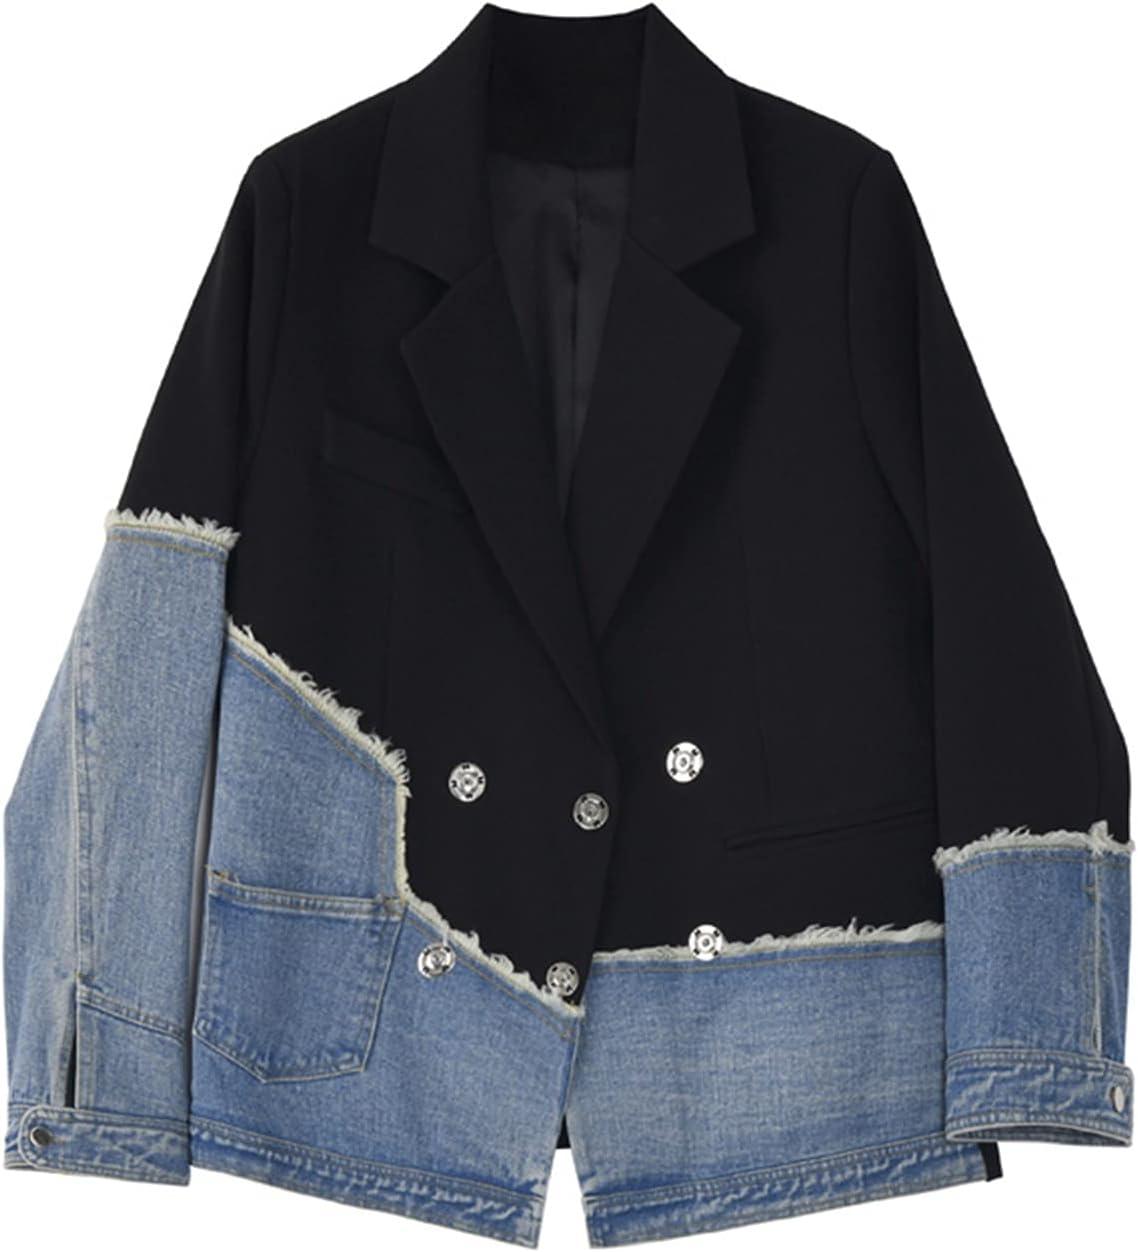 BXSM Suit Patchwork Denim Jacket Unique Design Denim Jacket Suit (Color : Black, Size : Medium)